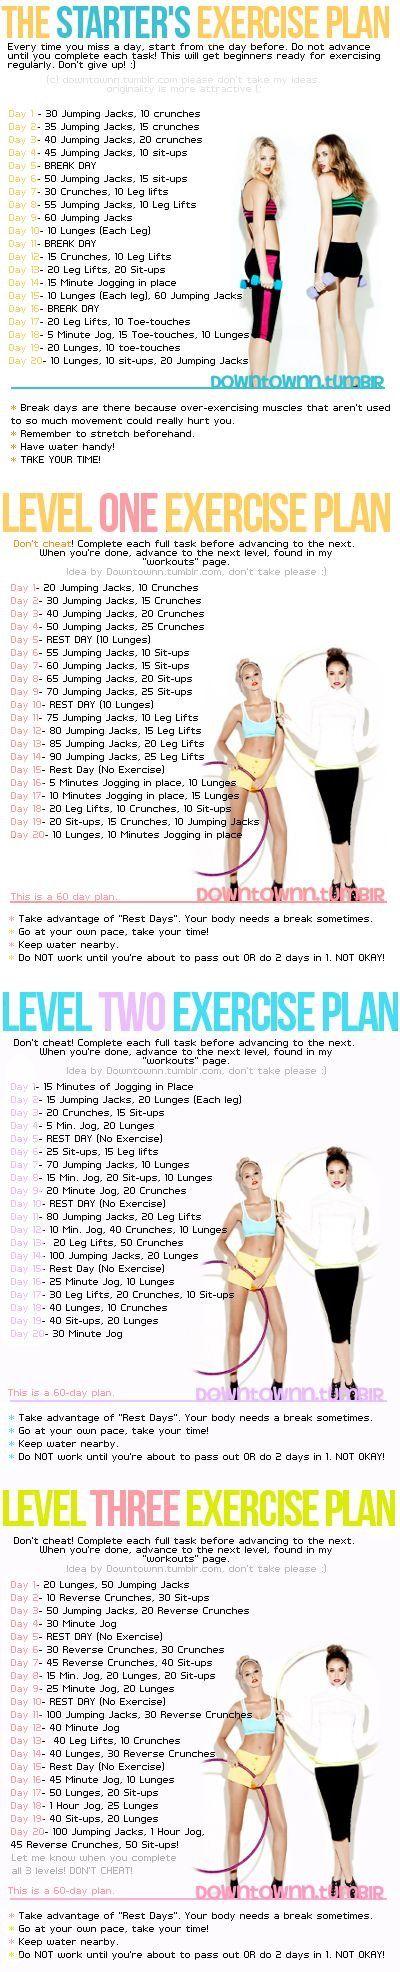 Seems doable! #fitness #beginner